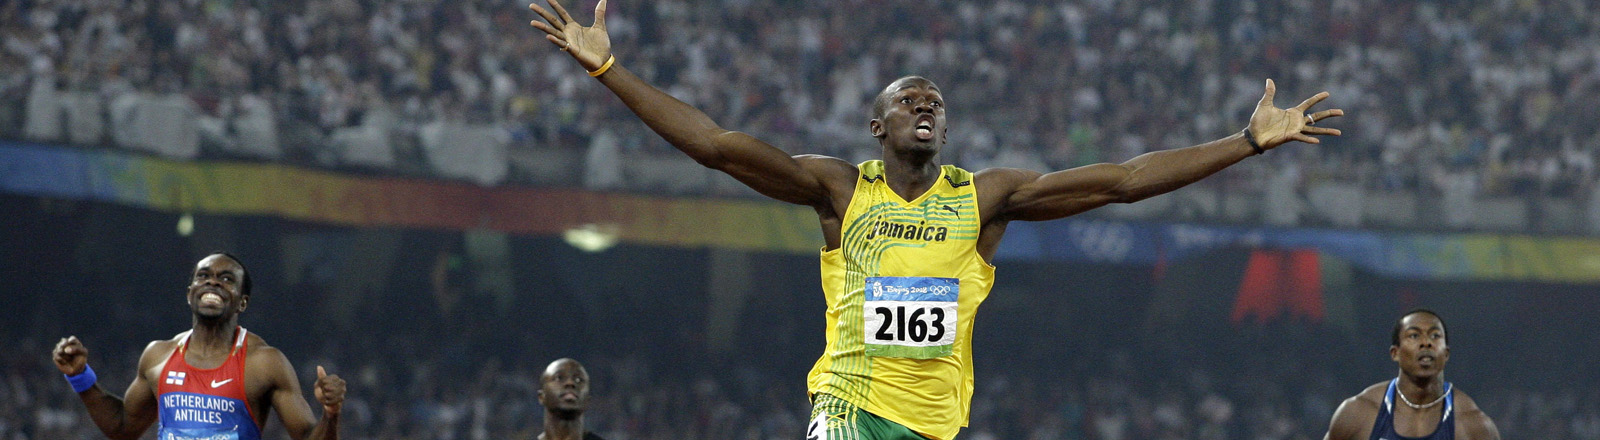 Usain Bolt gewinnt das 100-Meter Finale bei den Olympischen Spielen in Peing 2008